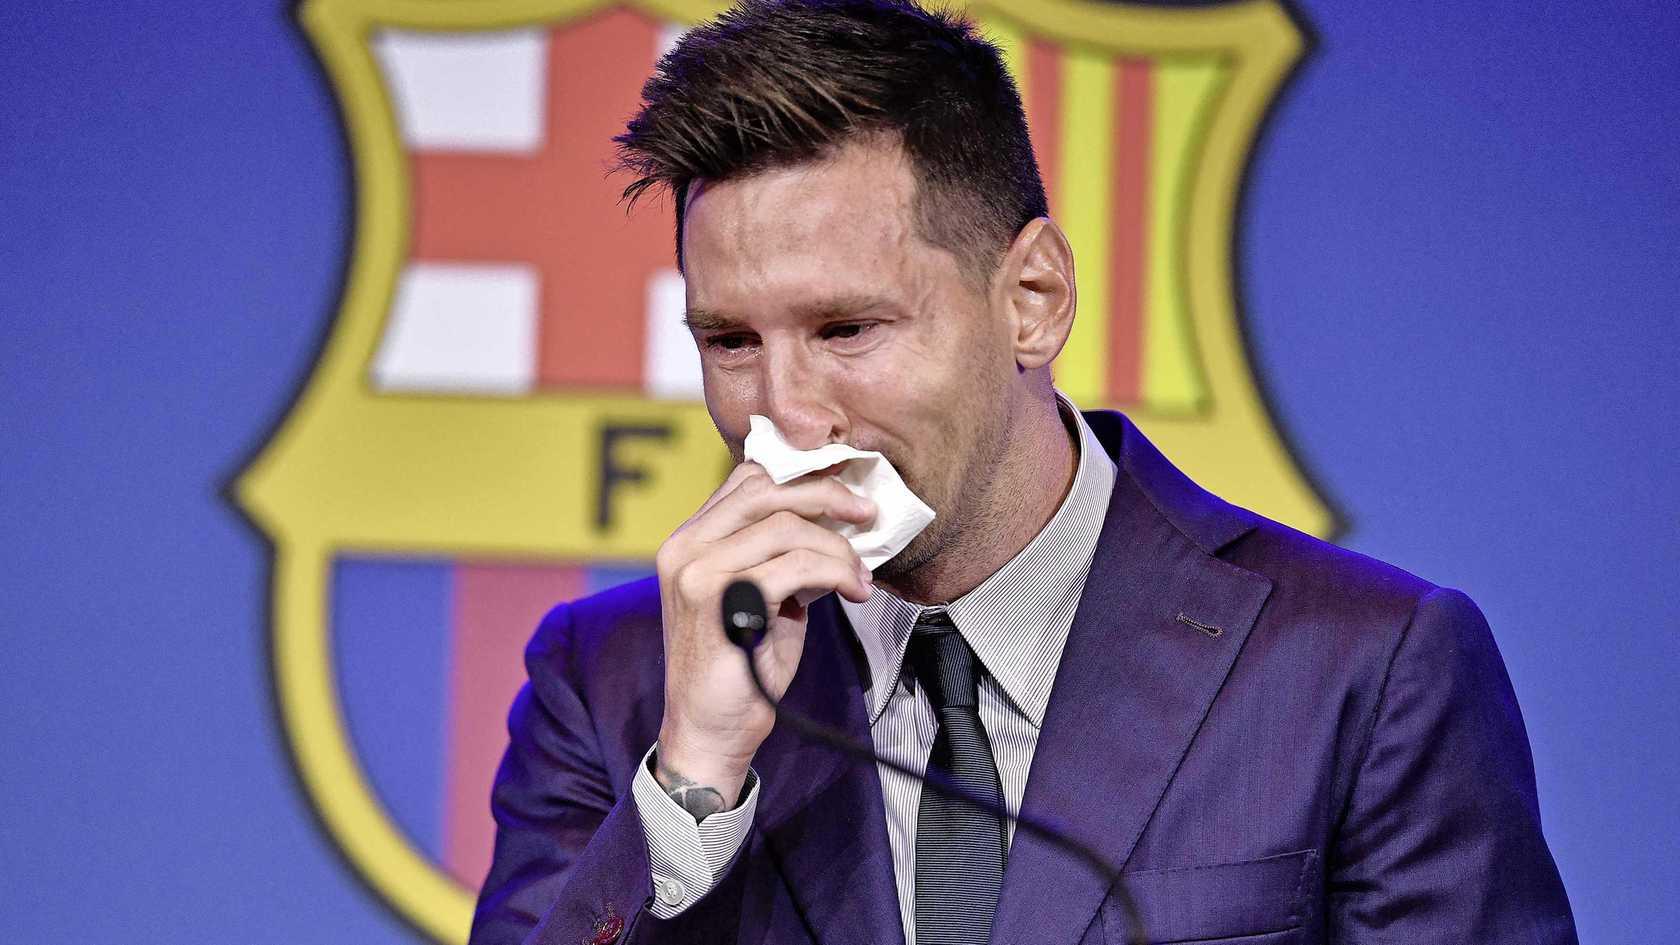 Chiếc khăn giấy Messi sử dụng hôm 8/8 được một người phục vụ giữ lại và đem bán đấu giá. Ảnh: ANP